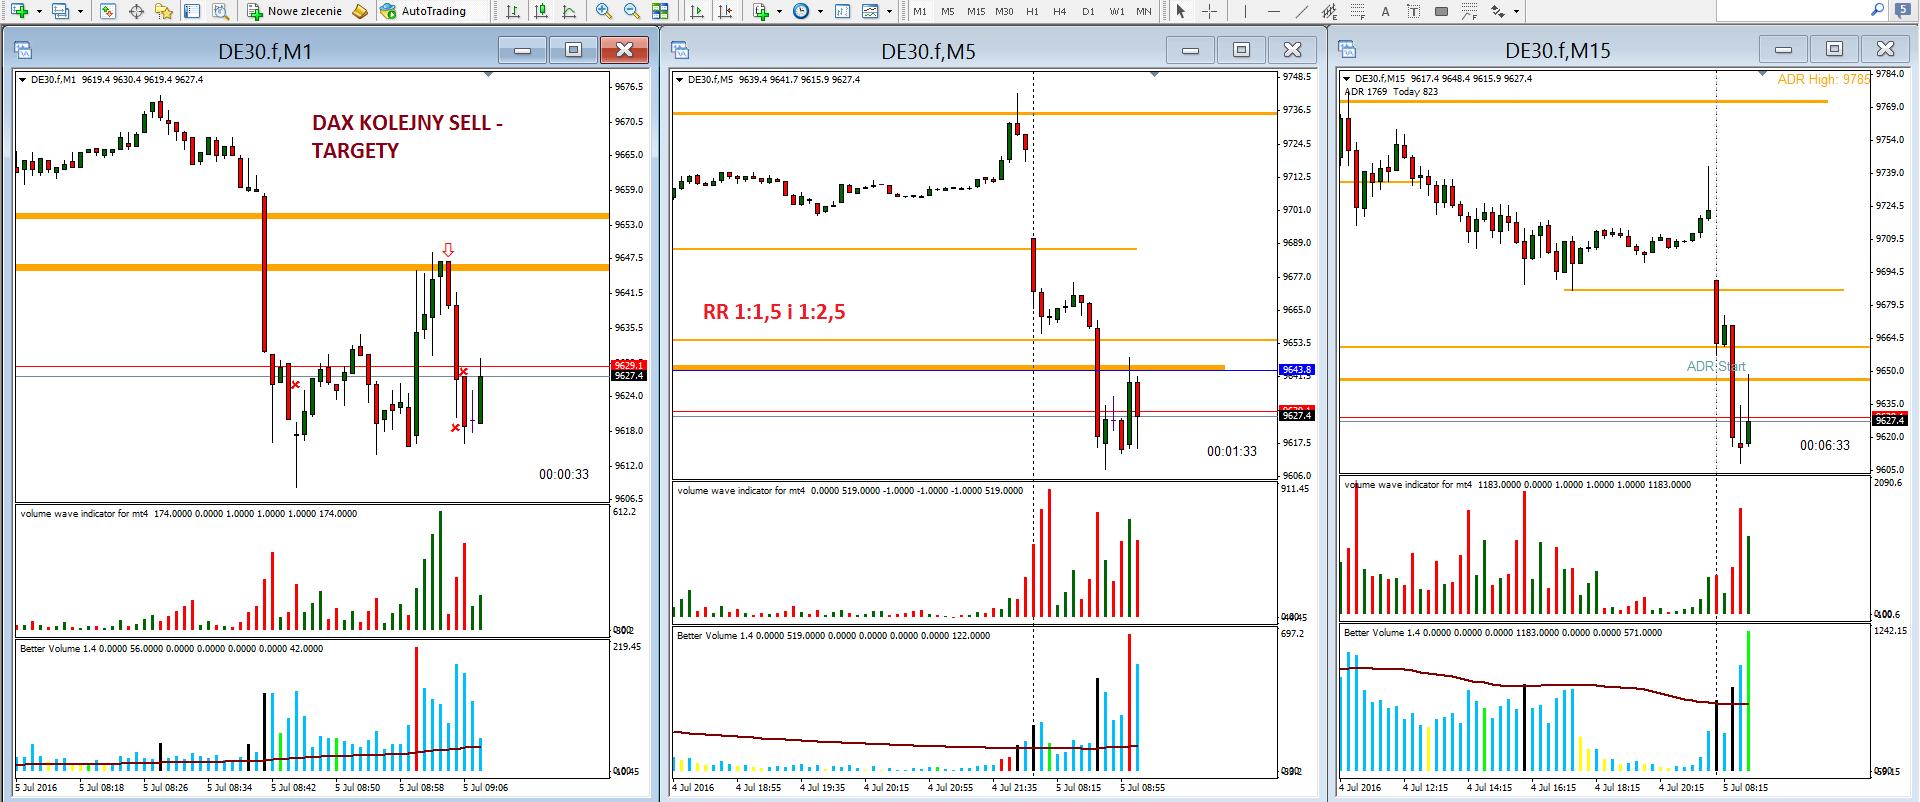 7-forex-skuteczna strategia-myforex-trader-trading-waluty-dax-prosta strategia tradingowa-broker-sukces-wolumen-vsa-świec japońskie-formacje świecowe-poziomy fibo-scalping